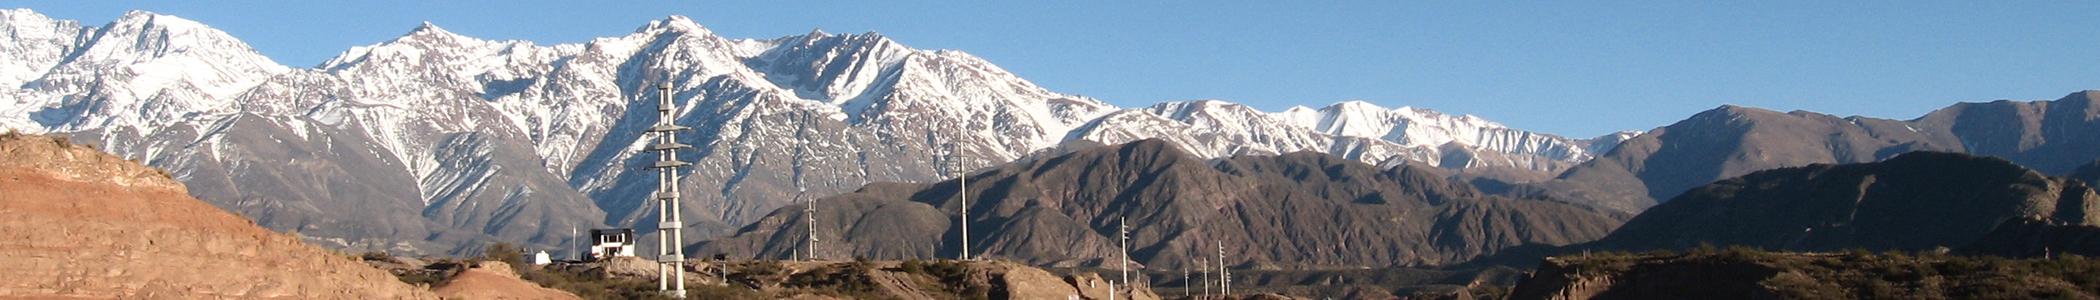 Cordillera De Los Andes Wikiviajes